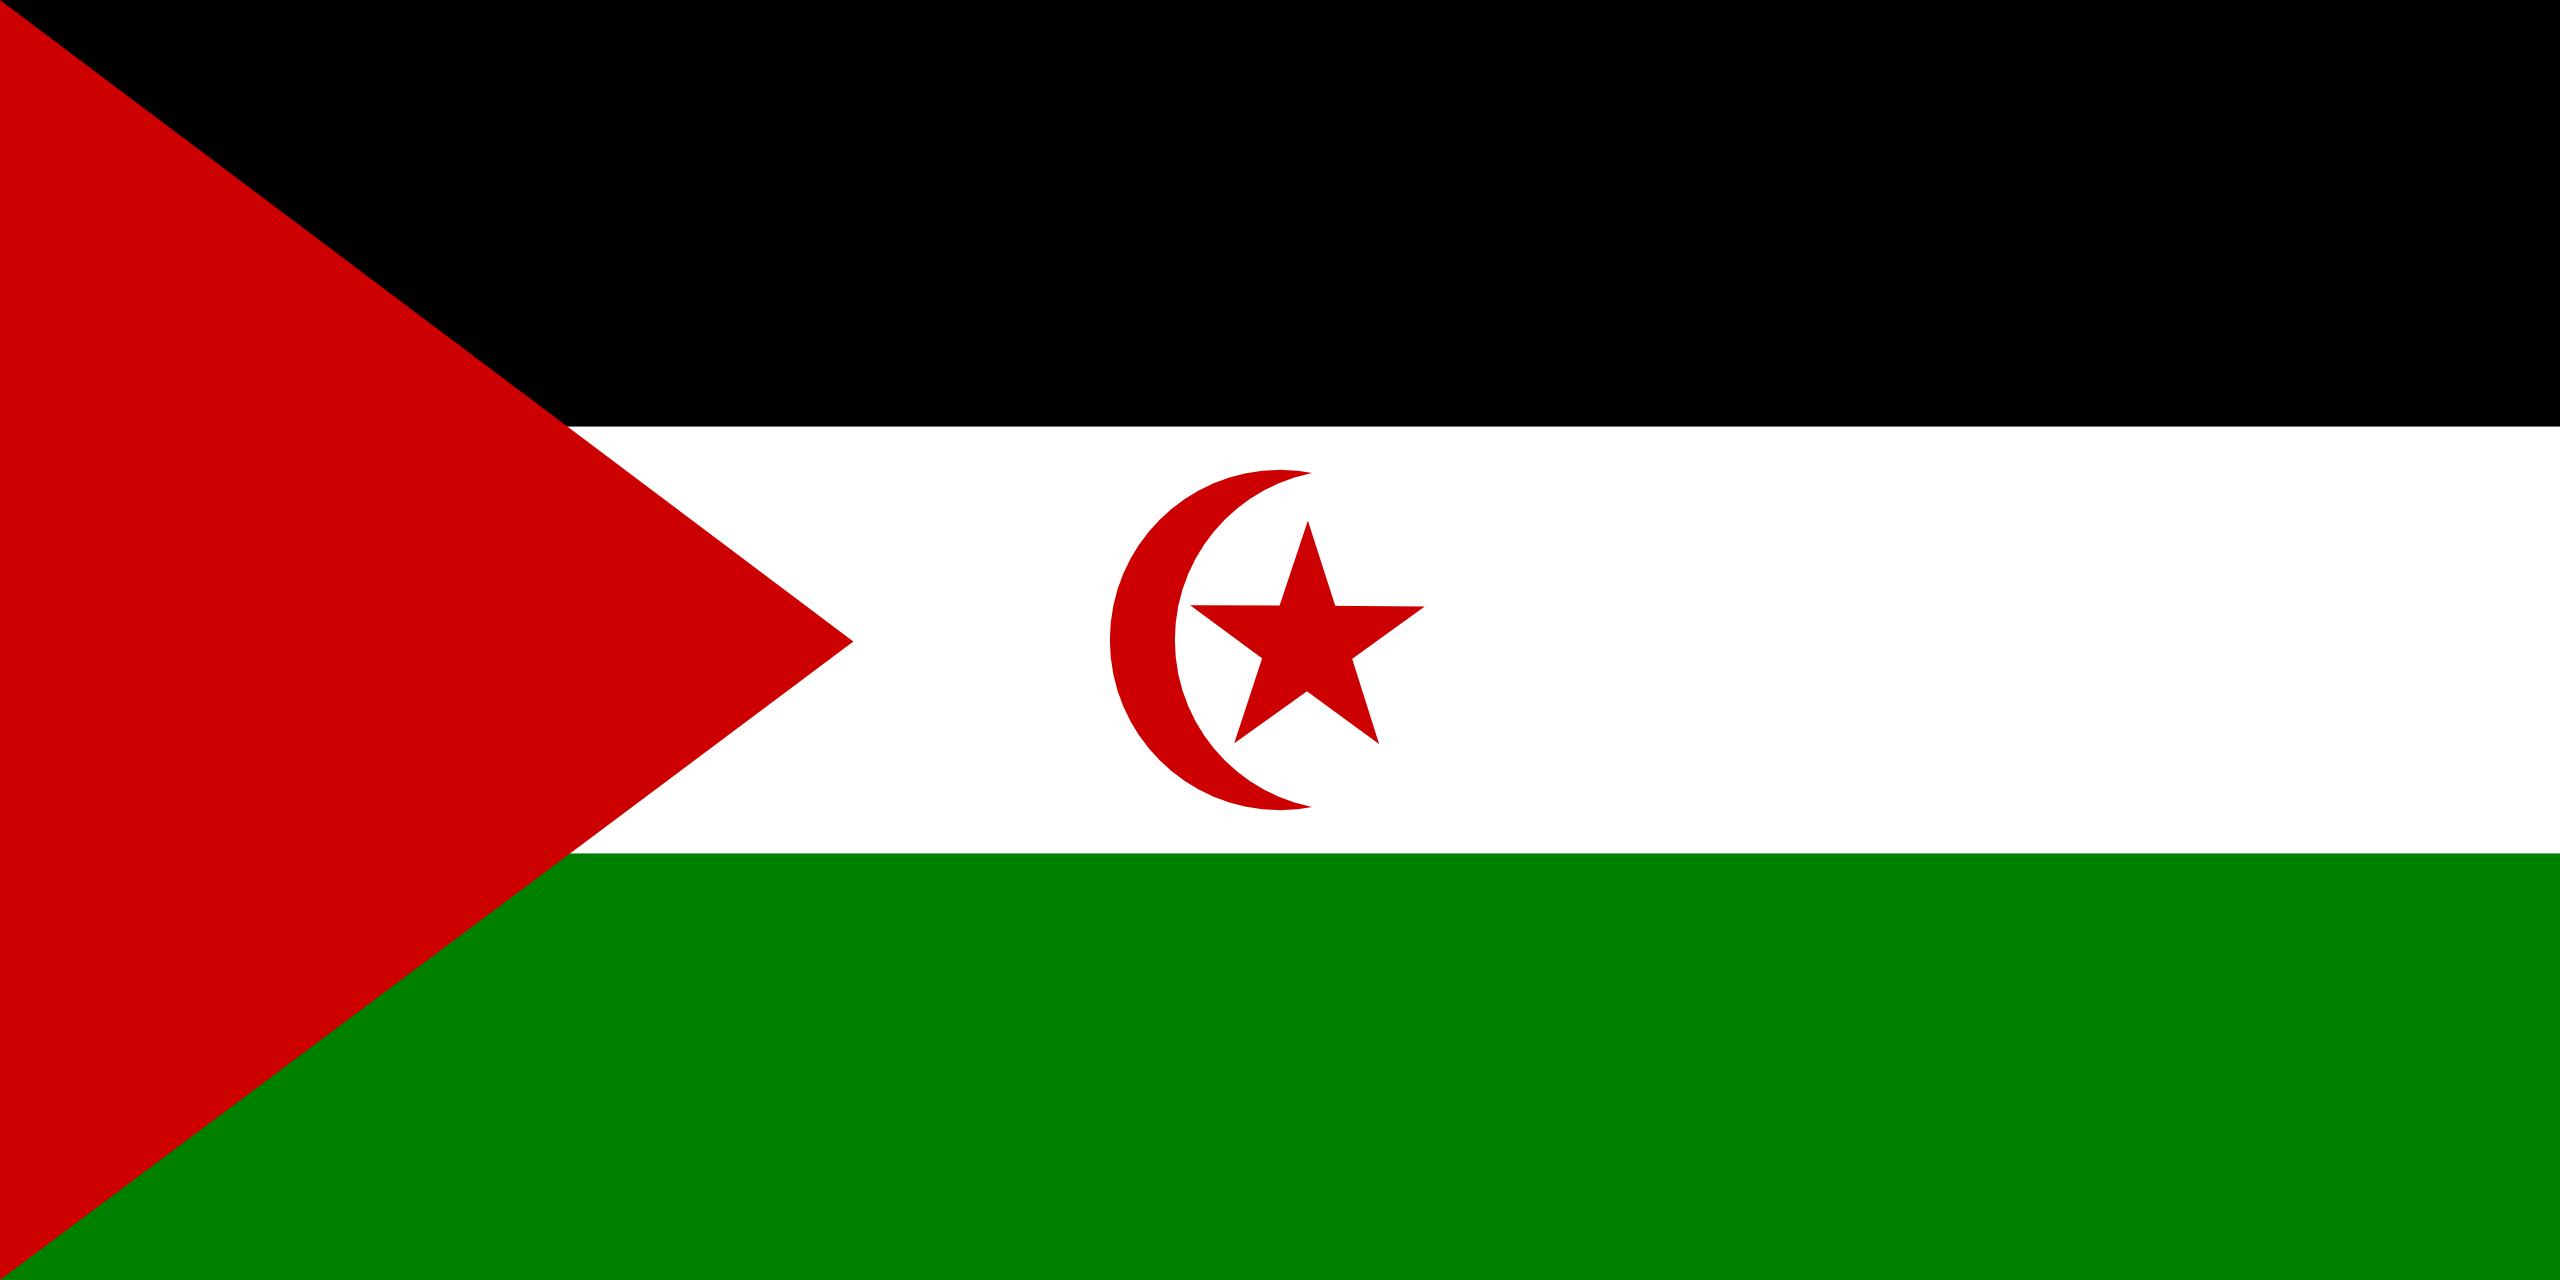 Saara Ocidental, país, Brasão de armas, logotipo, símbolo - Papéis de parede HD - Professor-falken.com